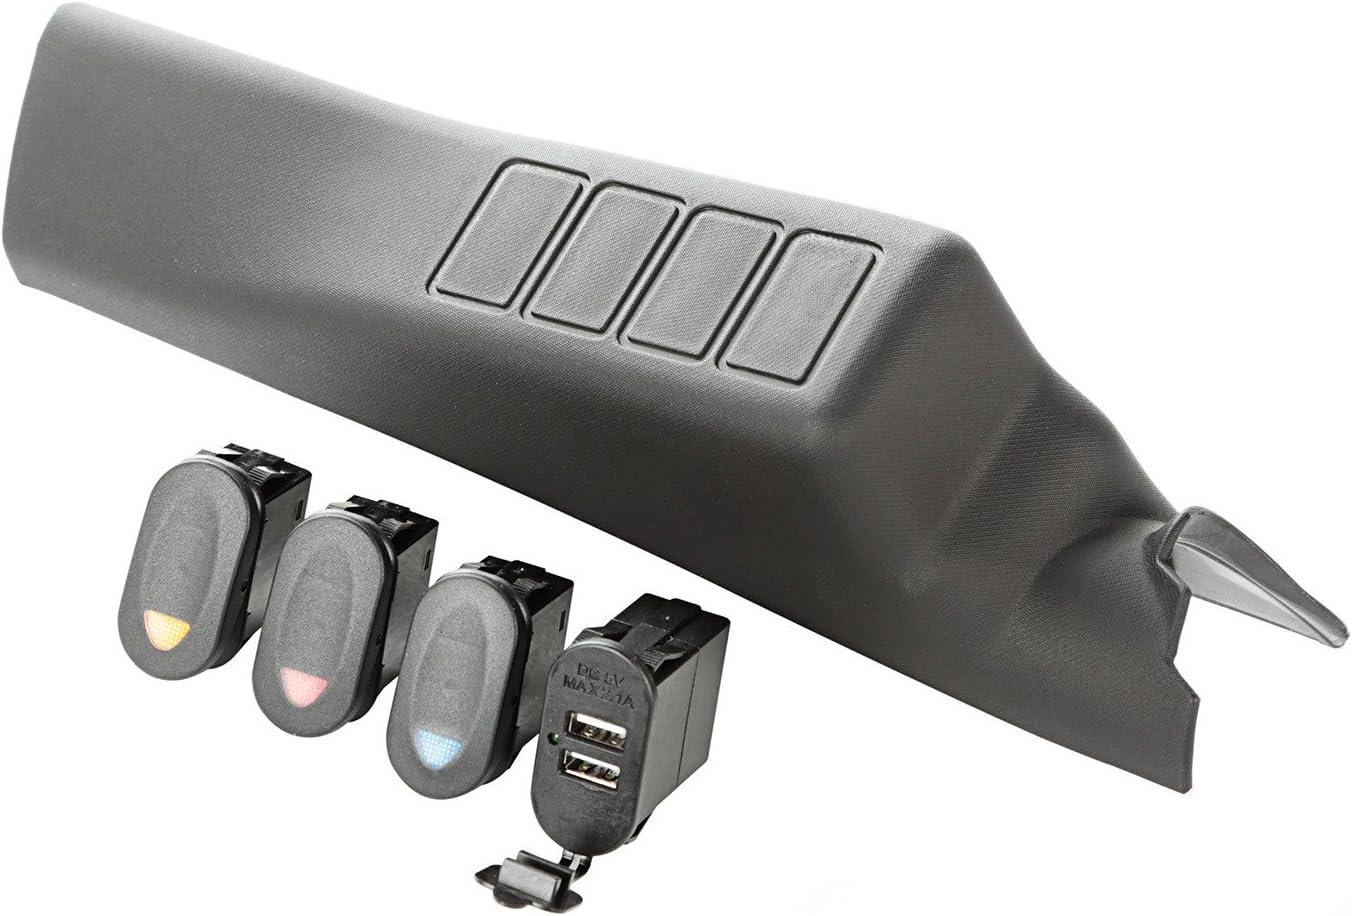 3 Switch Rugged Ridge 17235.98 A-Pillar Pod Kit